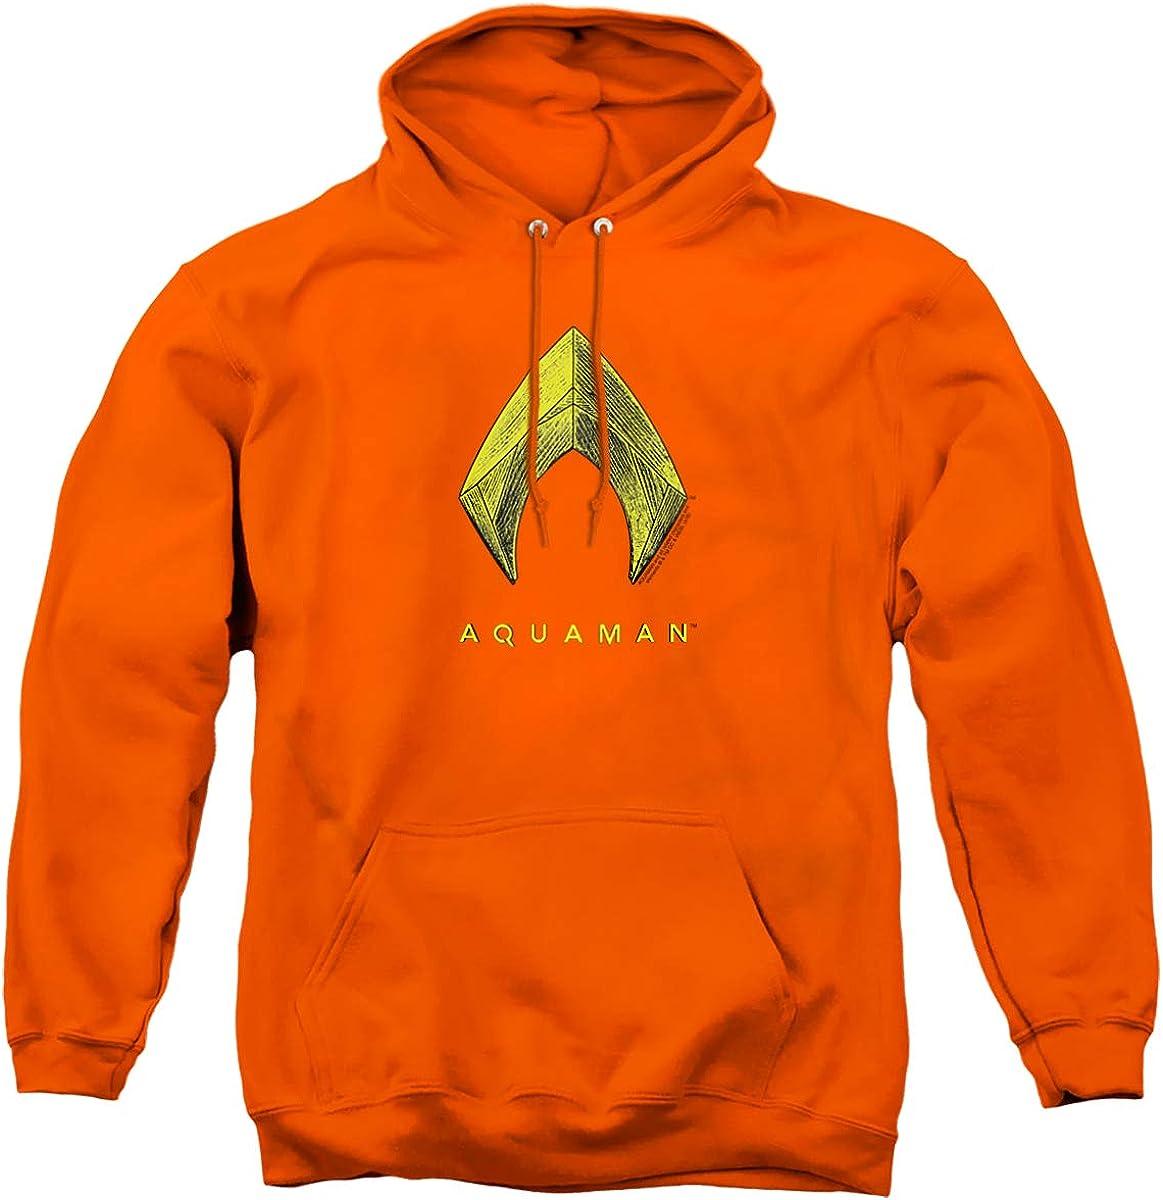 Aquaman Movie trust Logo Unisex Pull-Over Hoodie Adult Manufacturer regenerated product